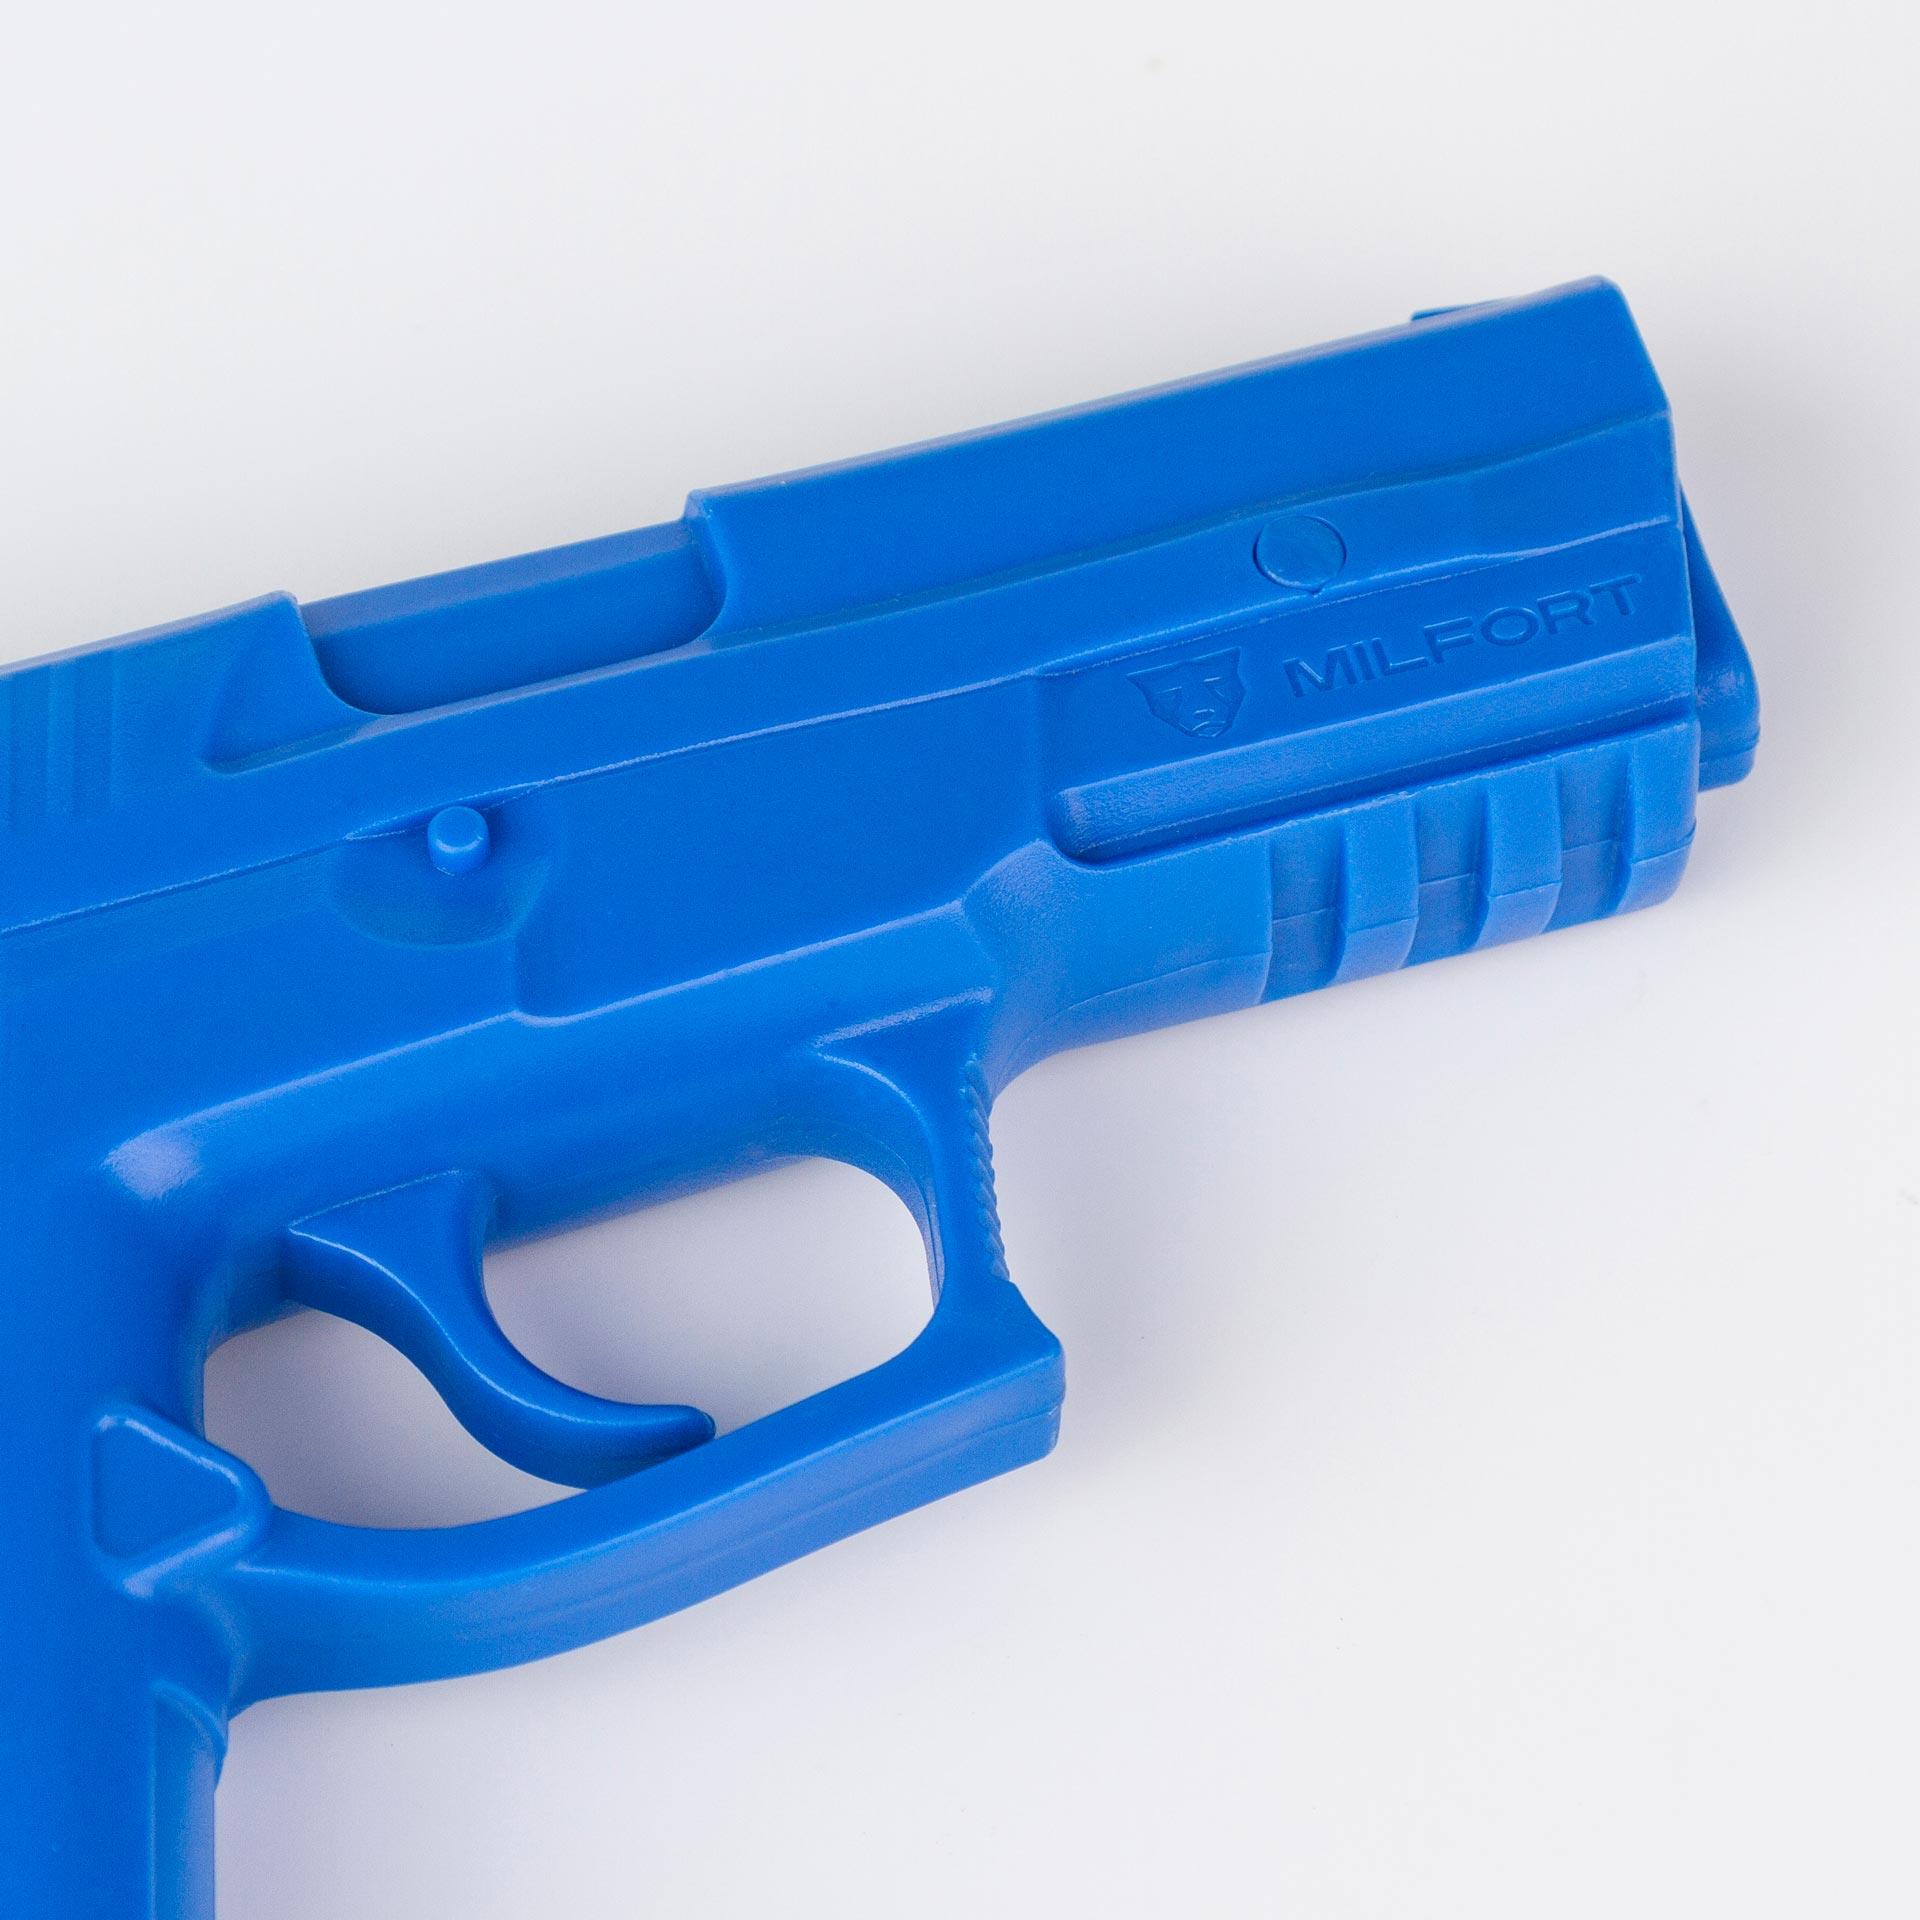 pistola-plastica-de-entrenamiento-2